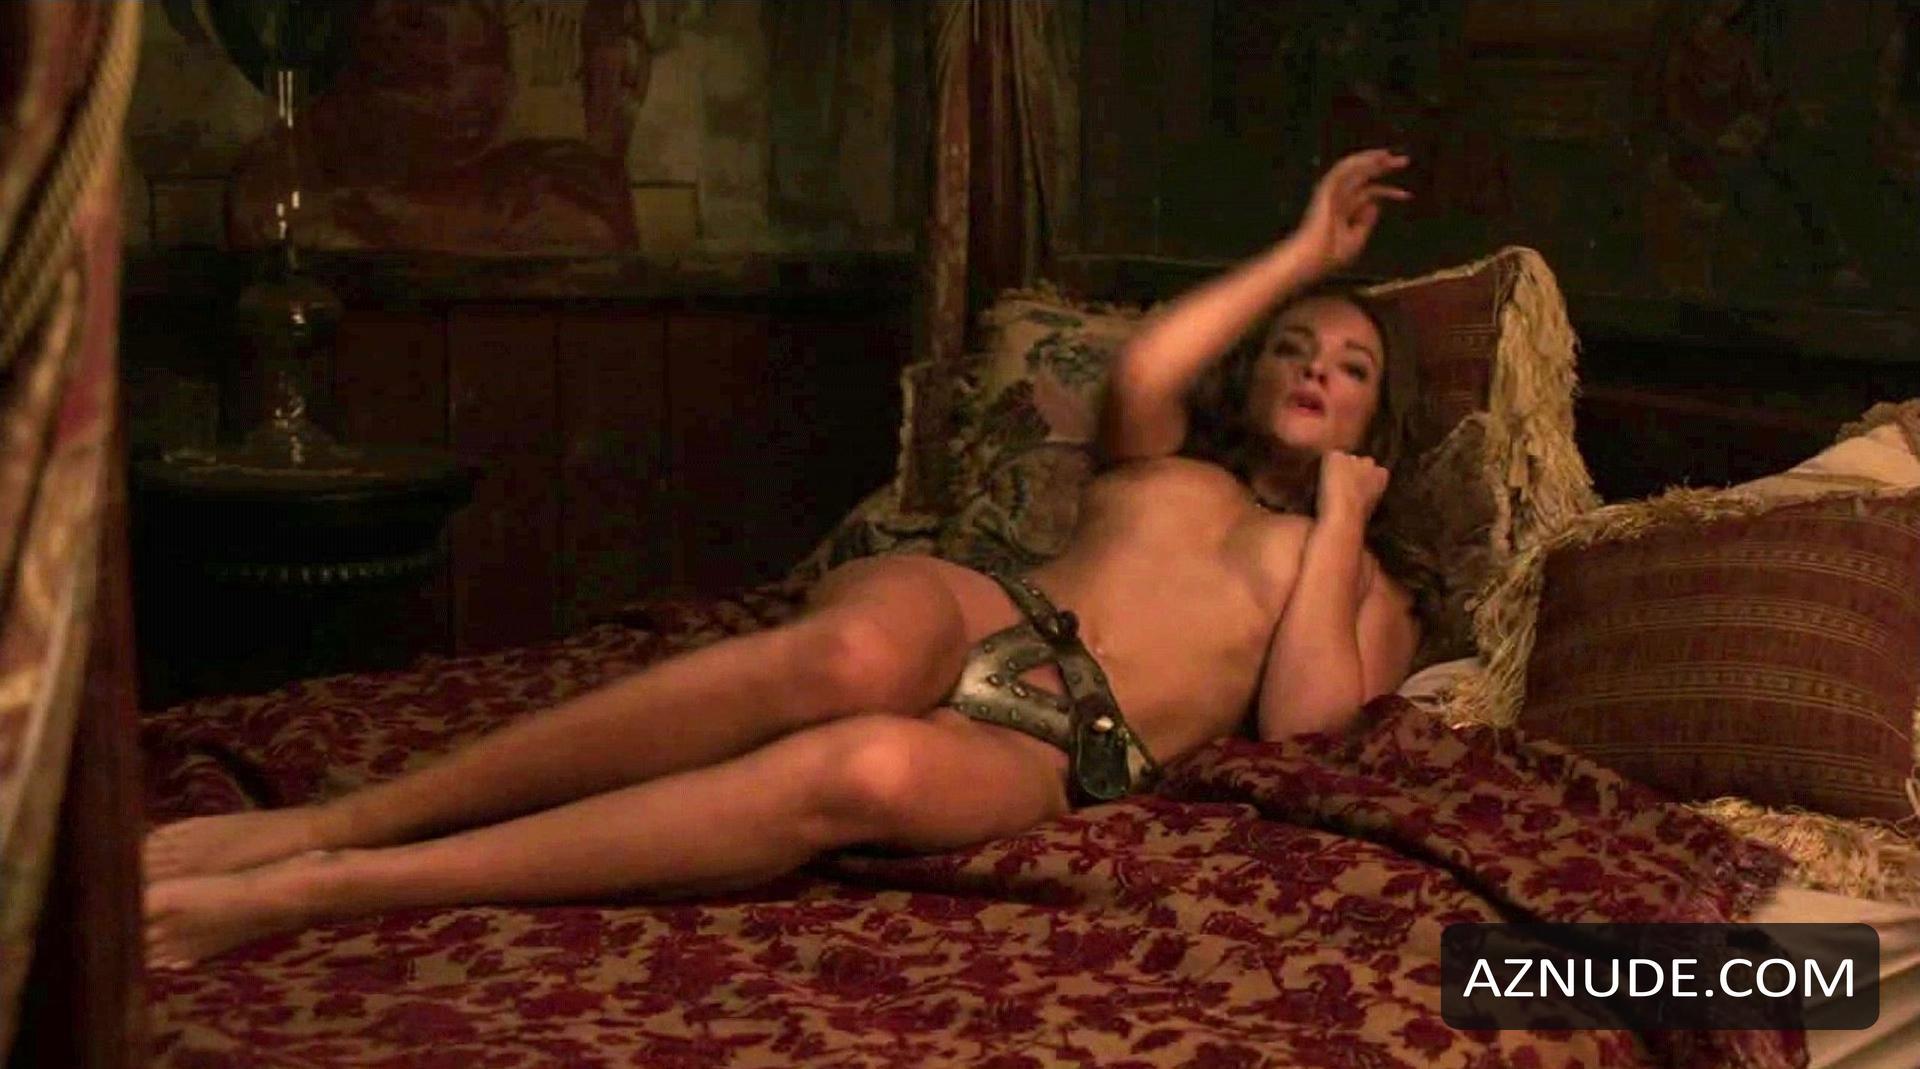 Bachleda curus naked apologise